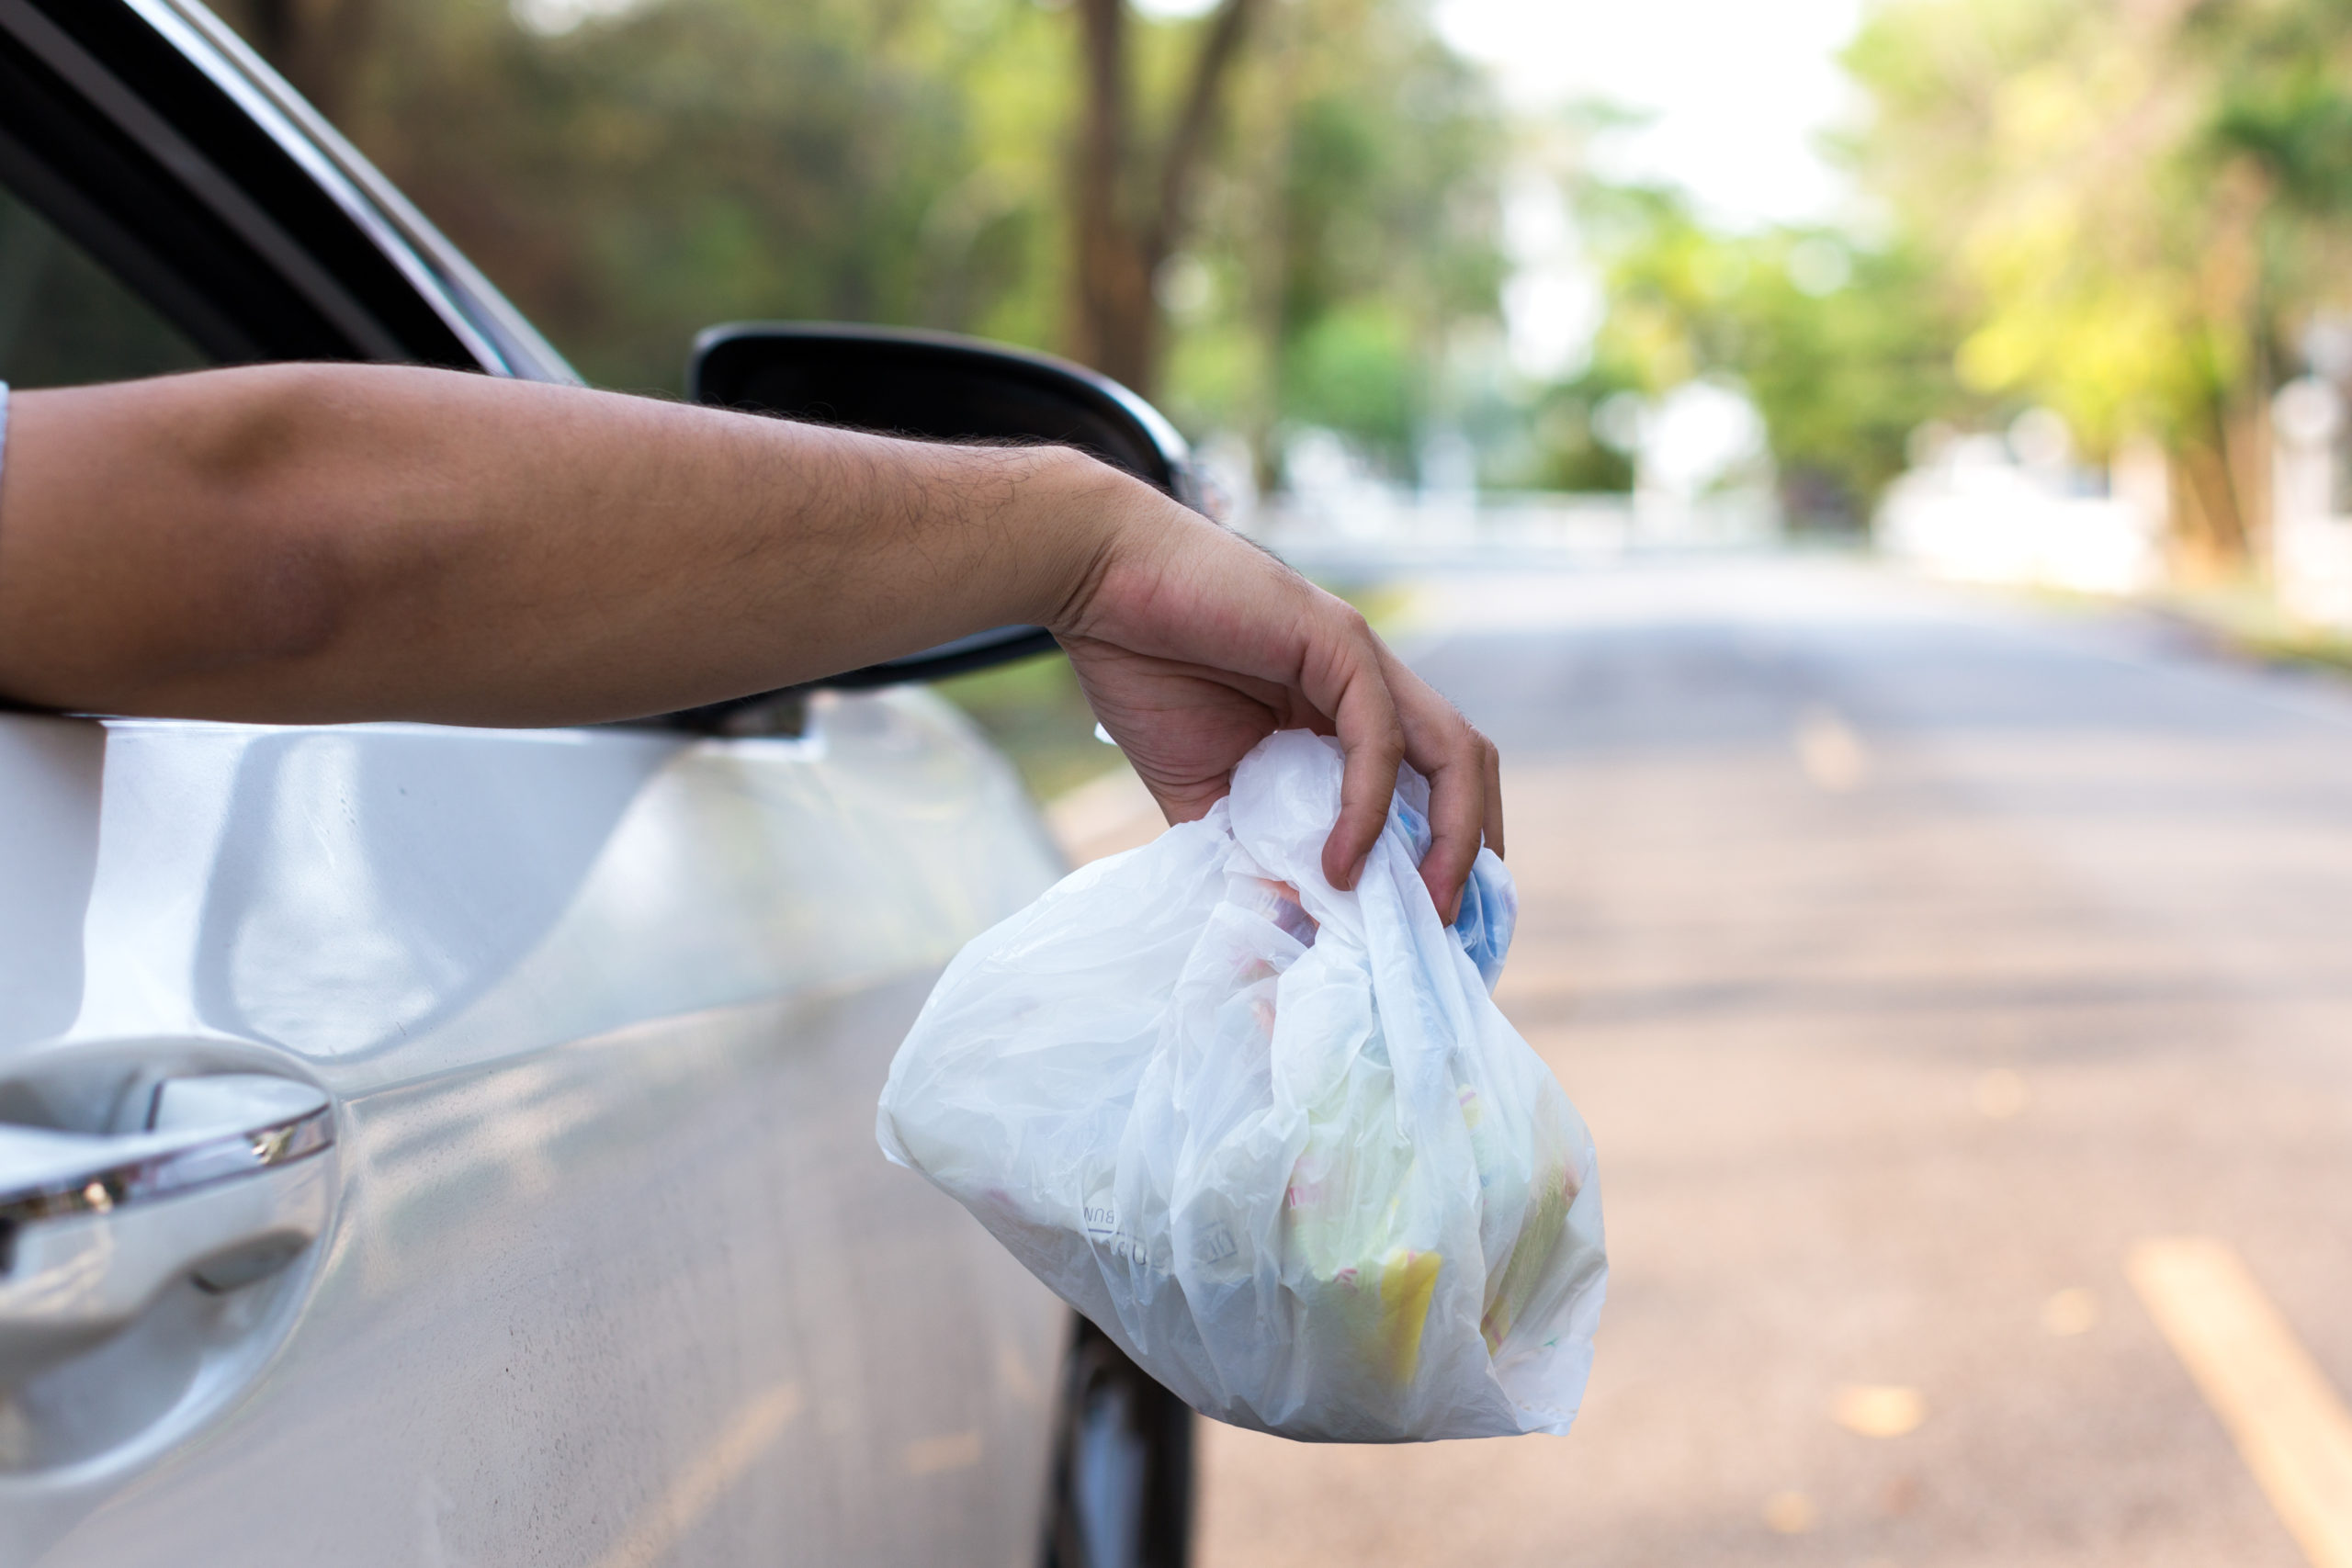 В Новороссийске будут штрафовать за выбрасывание мусора из автомобилей